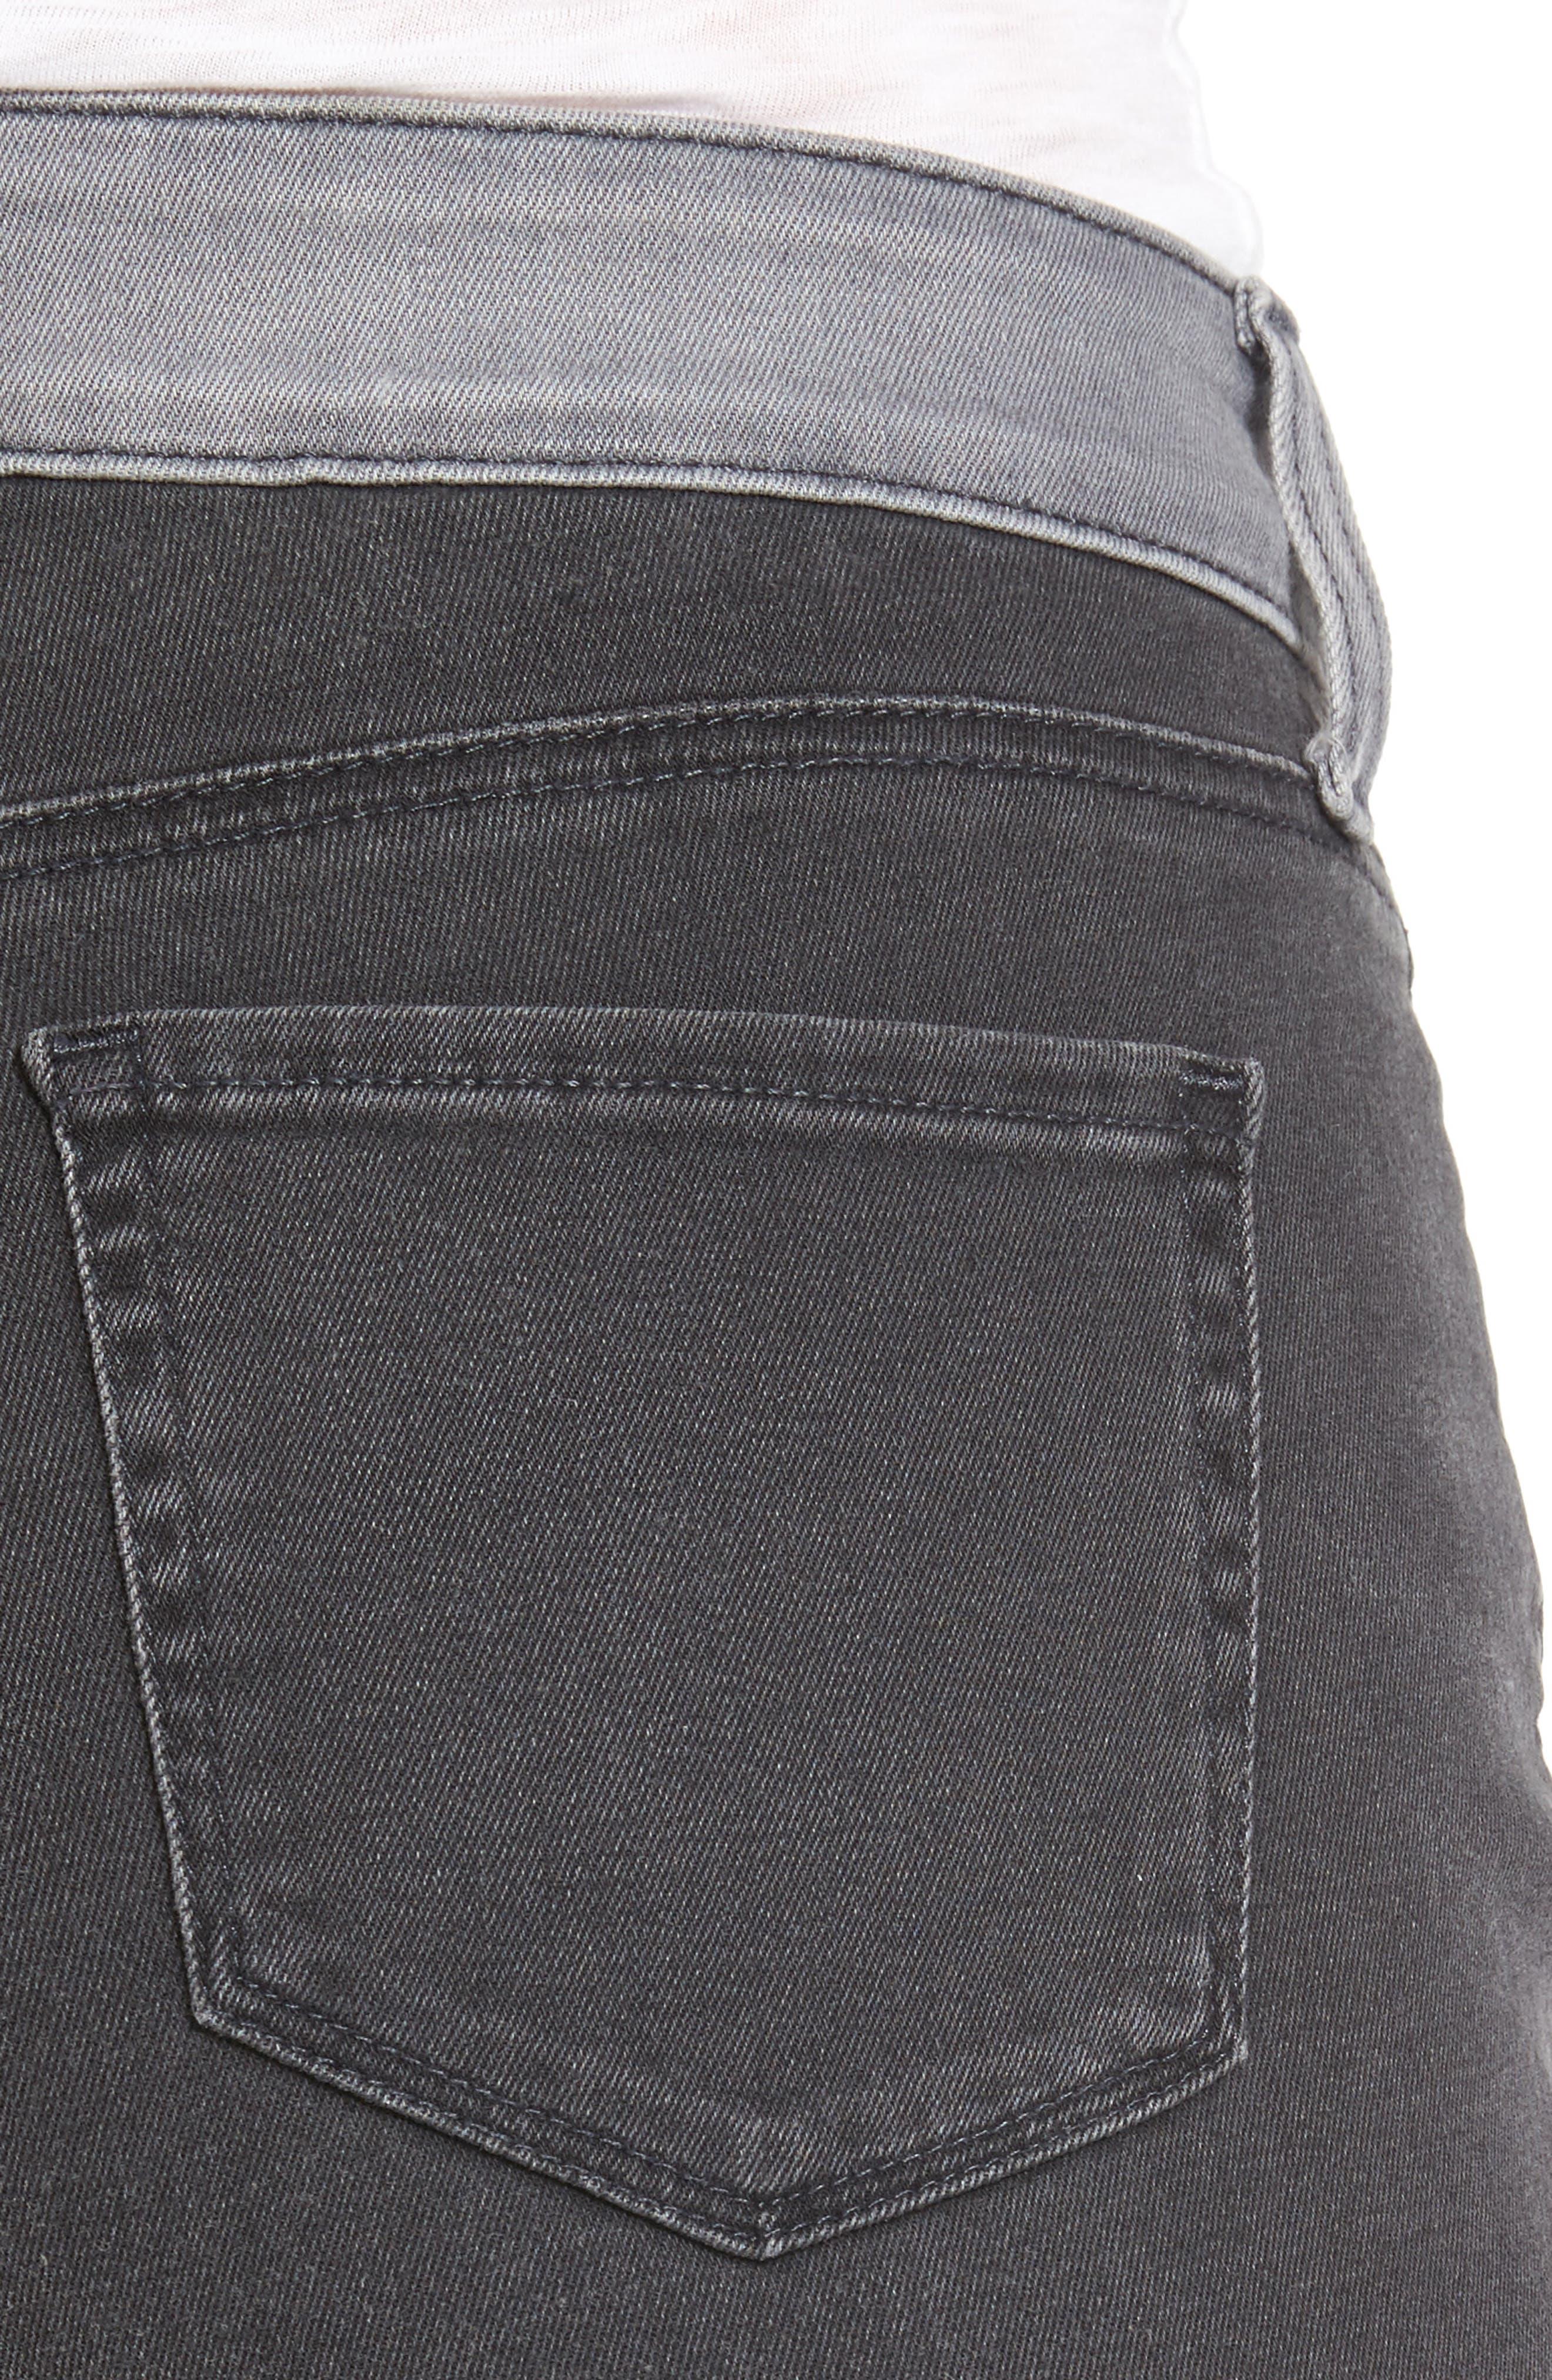 Alternate Image 4  - NYDJ Two Tone Stretch Girlfriend Jeans (Cassiar)